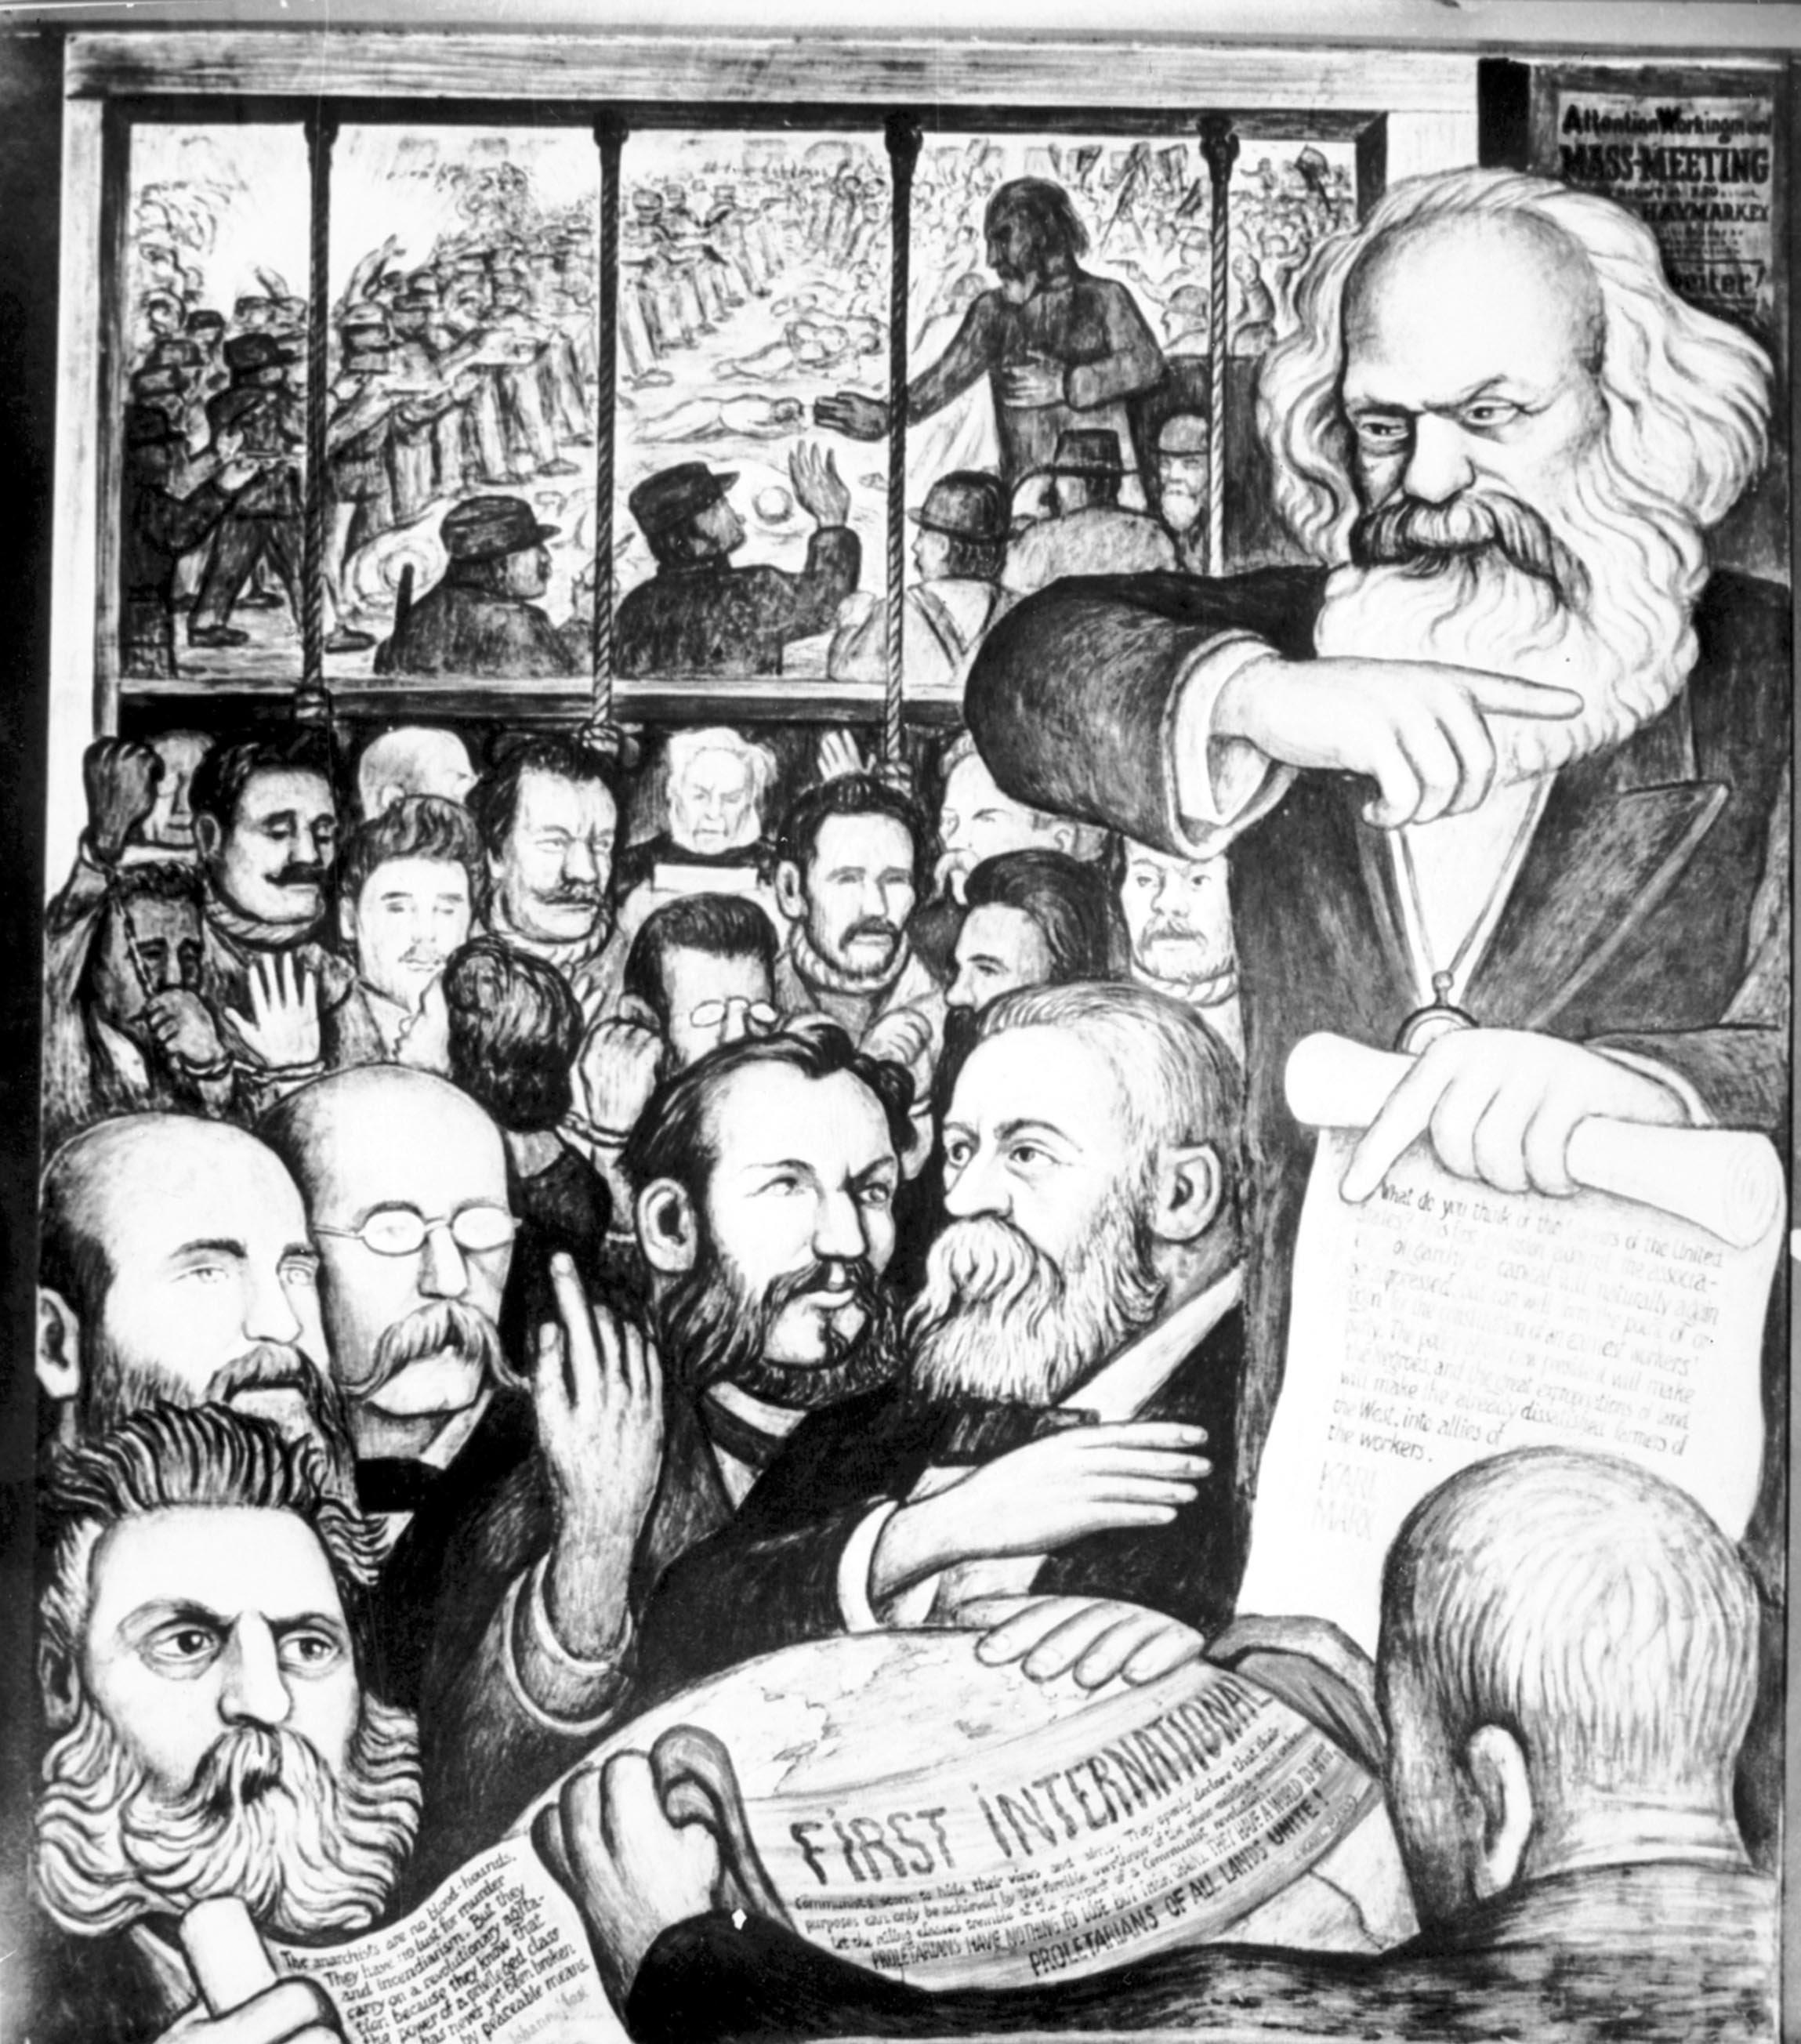 Un panel de Diego Rivera con Karl Marx, Terrance Powderly, Friedrich Engels, y los mártires de Haymarket